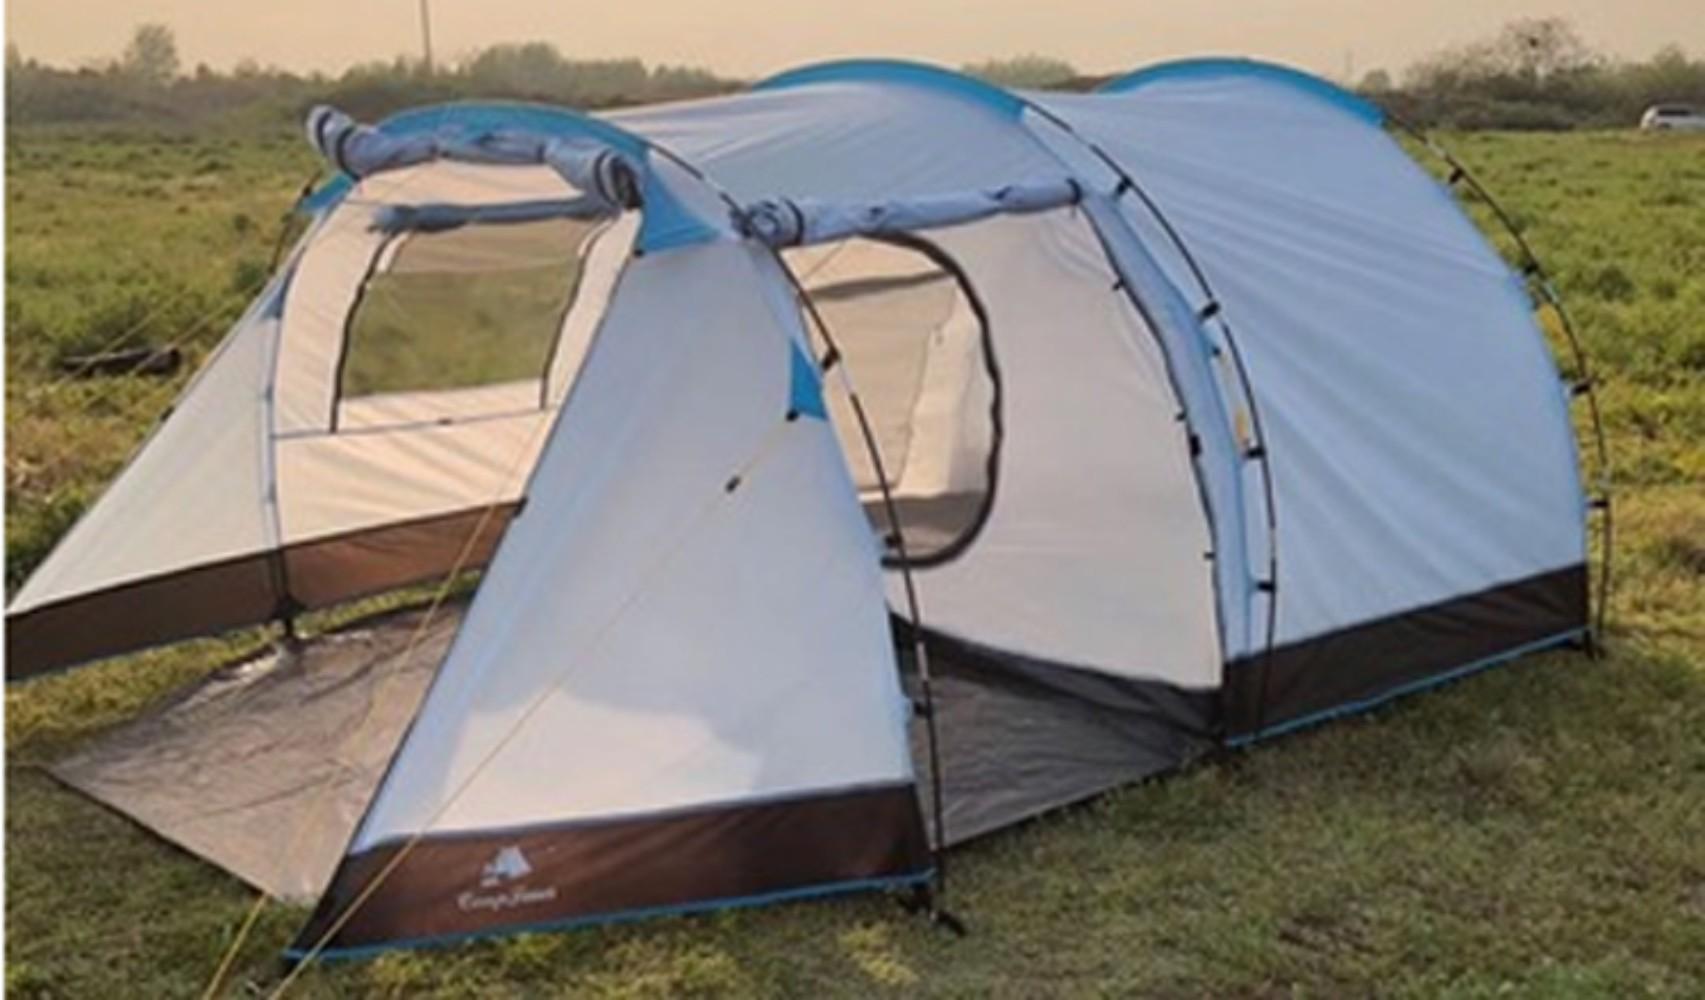 투룸 텐트 방한 집안 거실용 등산용 사무실난방, 하늘색